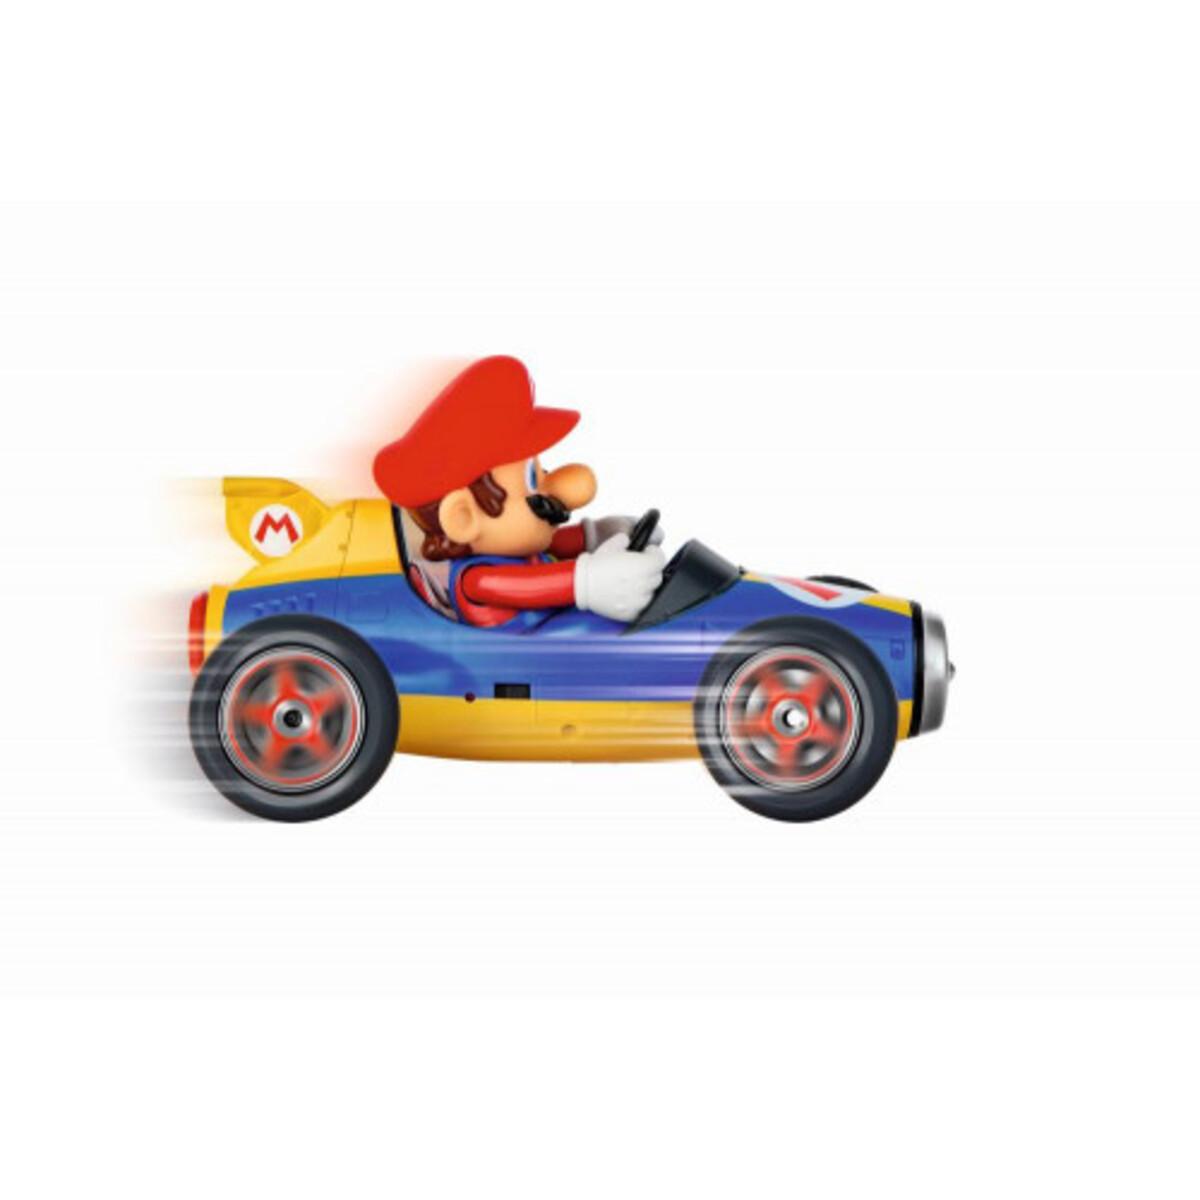 Bild 2 von Carrera RC Mario Kart M8 Mario